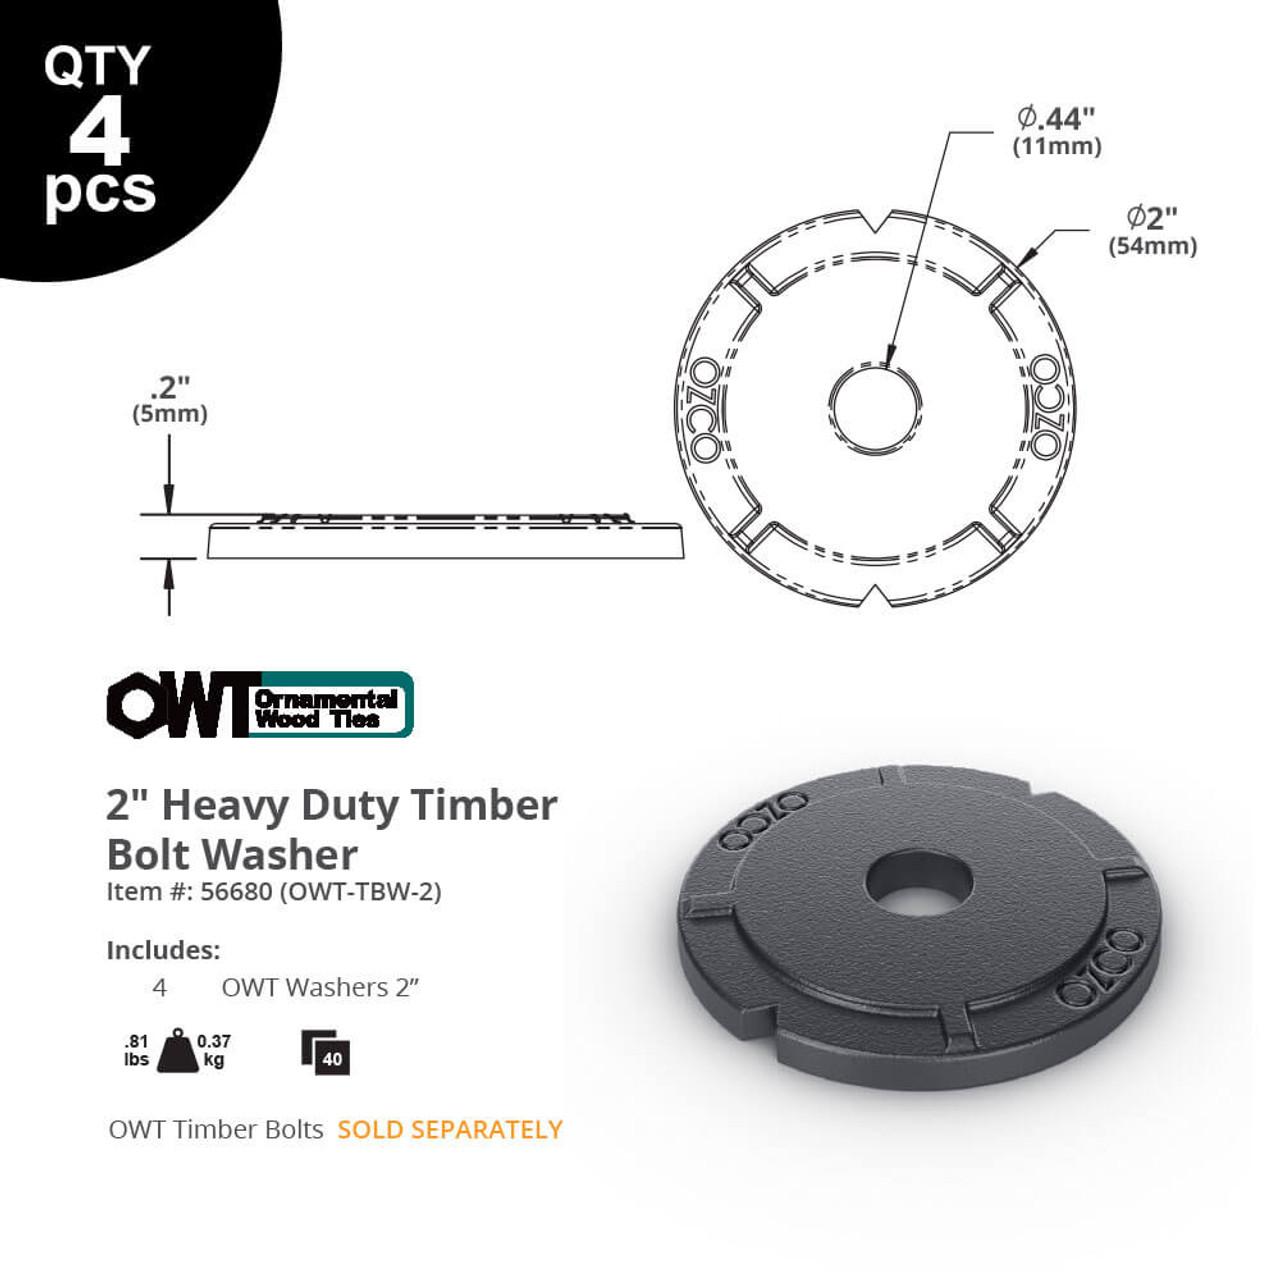 OZCO OWT HD Timber Bolt WASH-TB Dimension Drawing